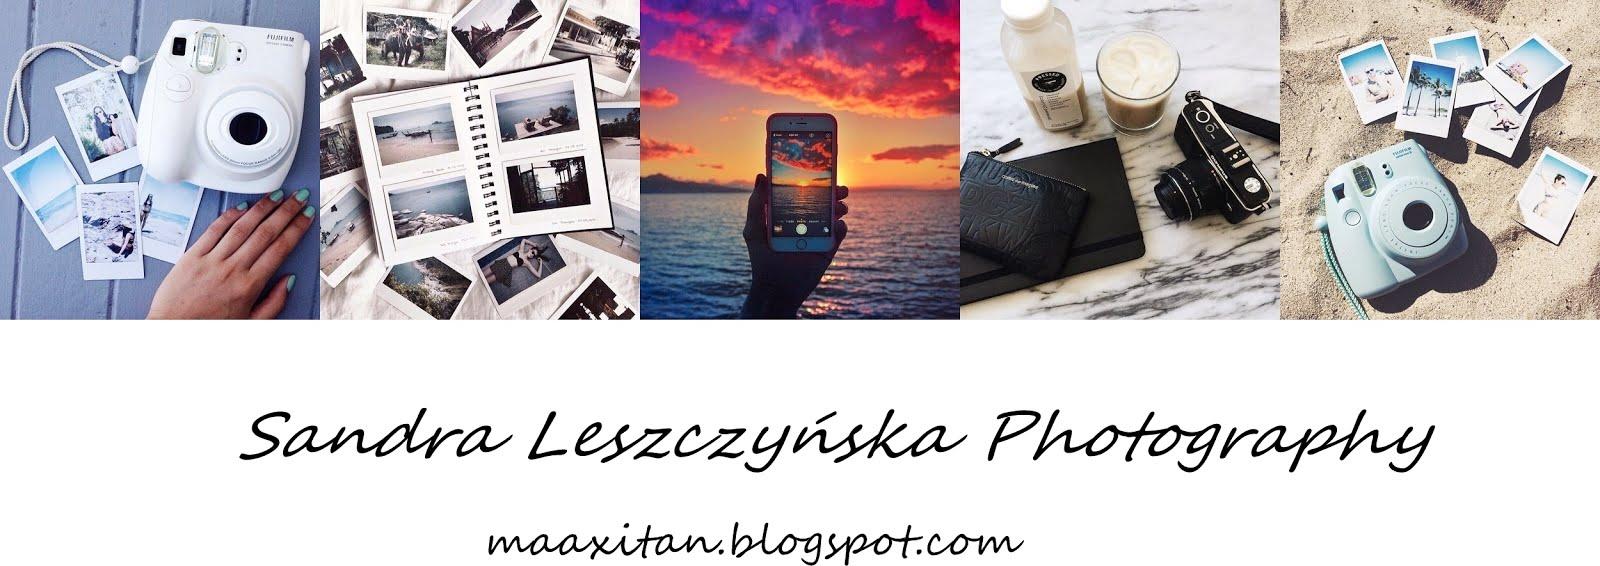 Sandra Leszczyńska Photography